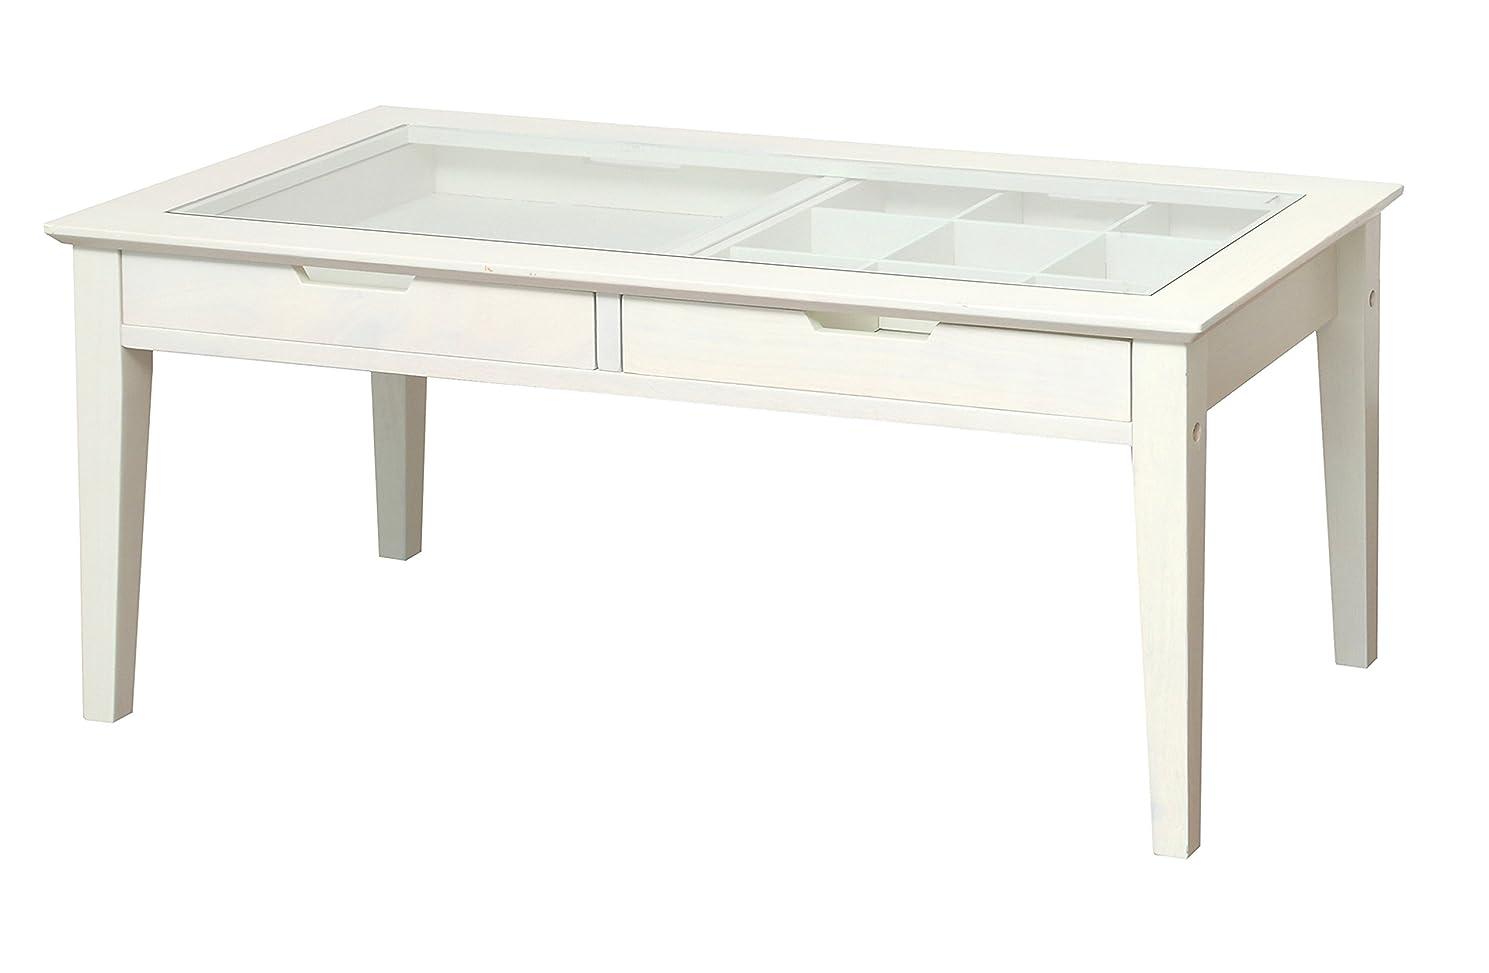 減らす補足遮る市場 アイネ レノ コレクションテーブル 幅90×奥45cm×高さ40cm ホワイト INT-2576WH